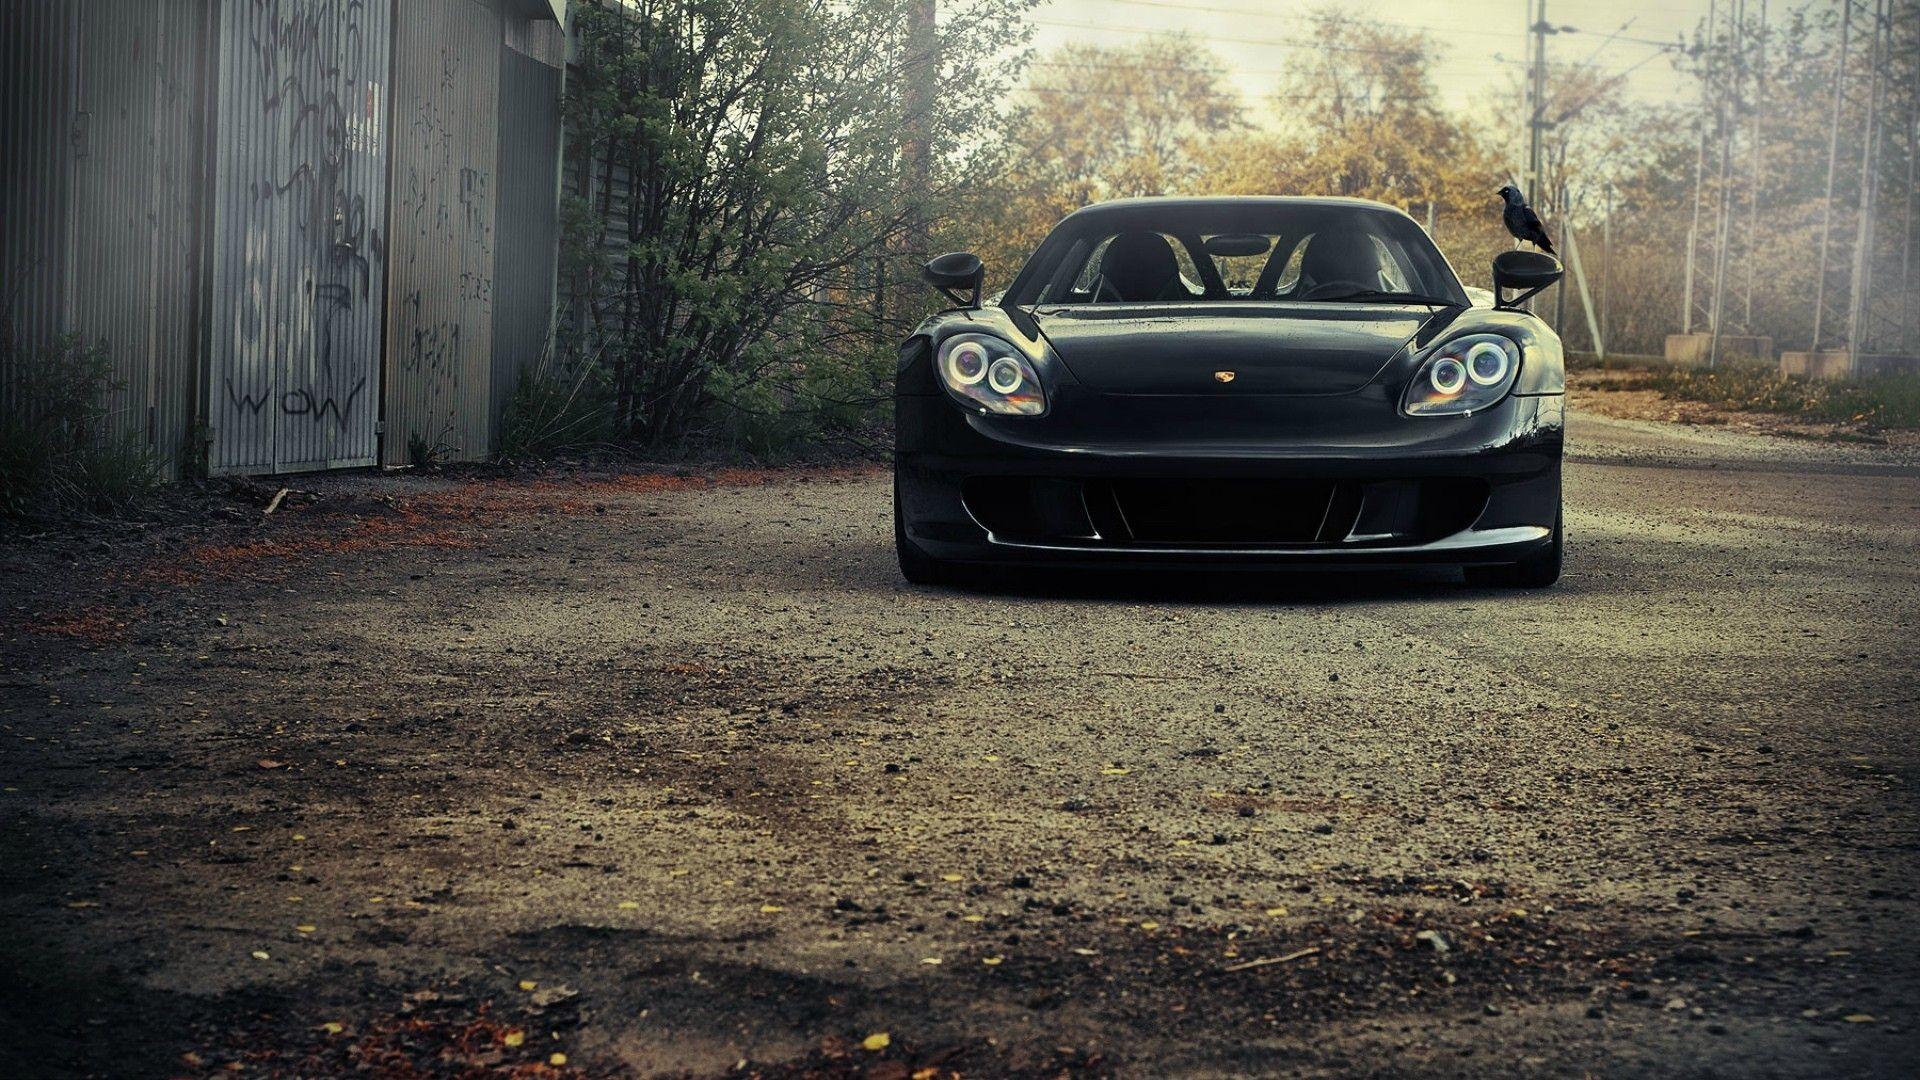 Car Porsche Porsche Carrera Gt Wallpaper Porsche Carrera Gt Porsche Carrera Porsche